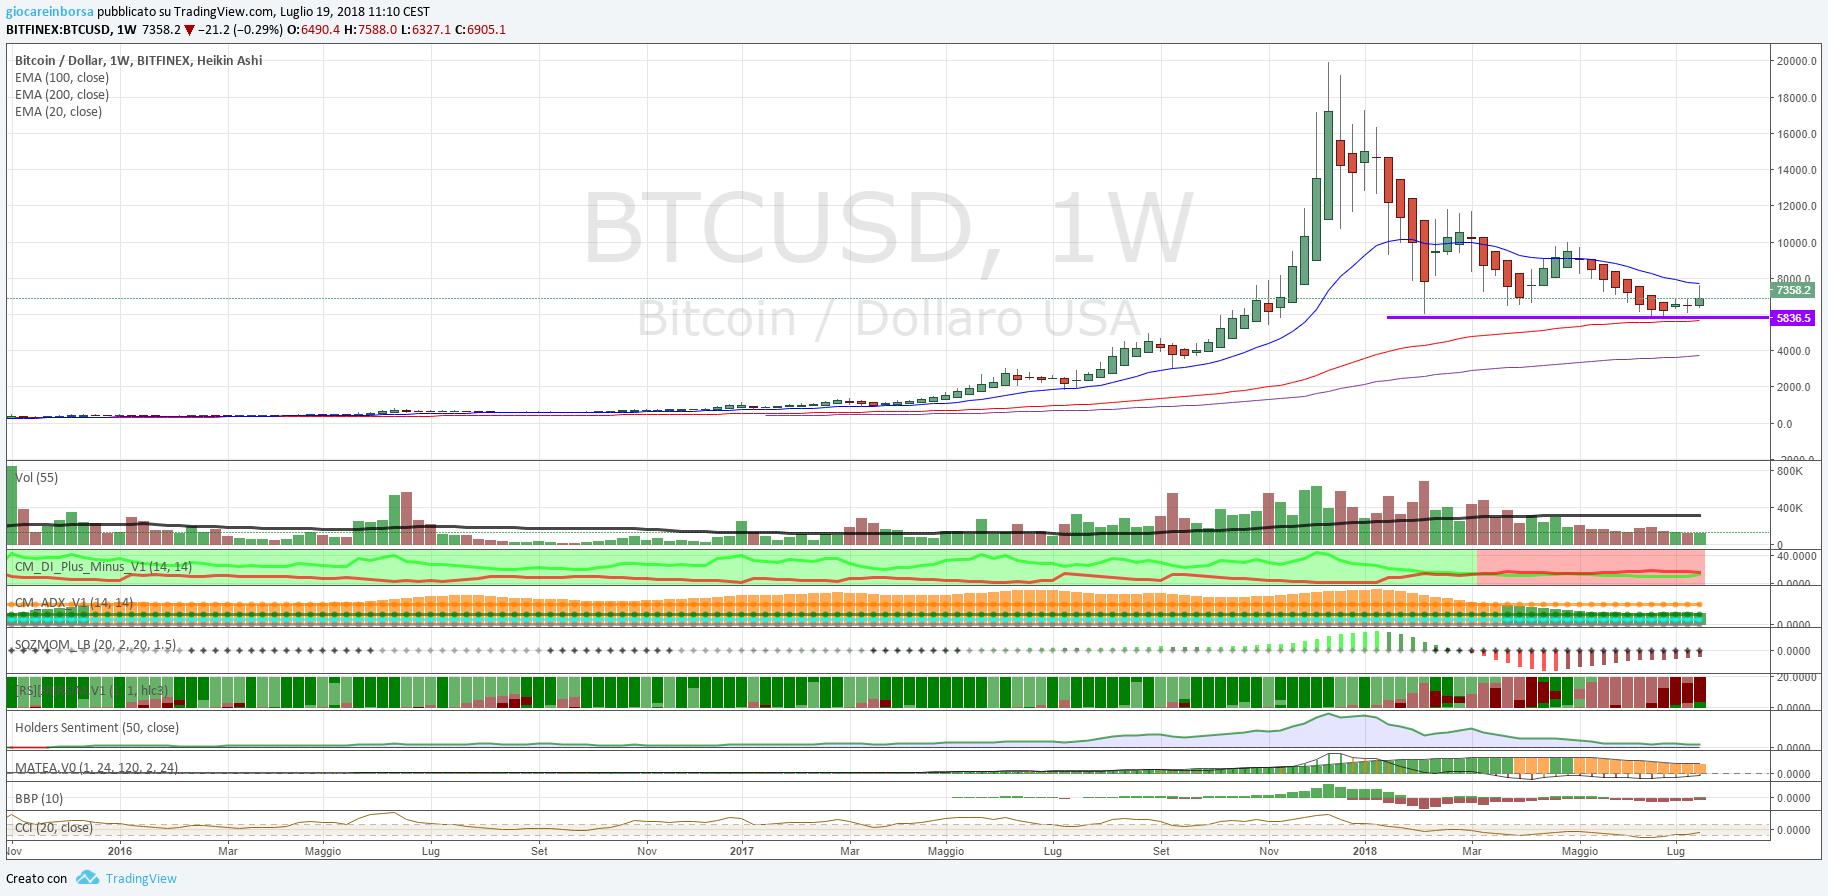 Cambio Bitcoin Dollaro, analisi tecnica al 20 luglio 2018